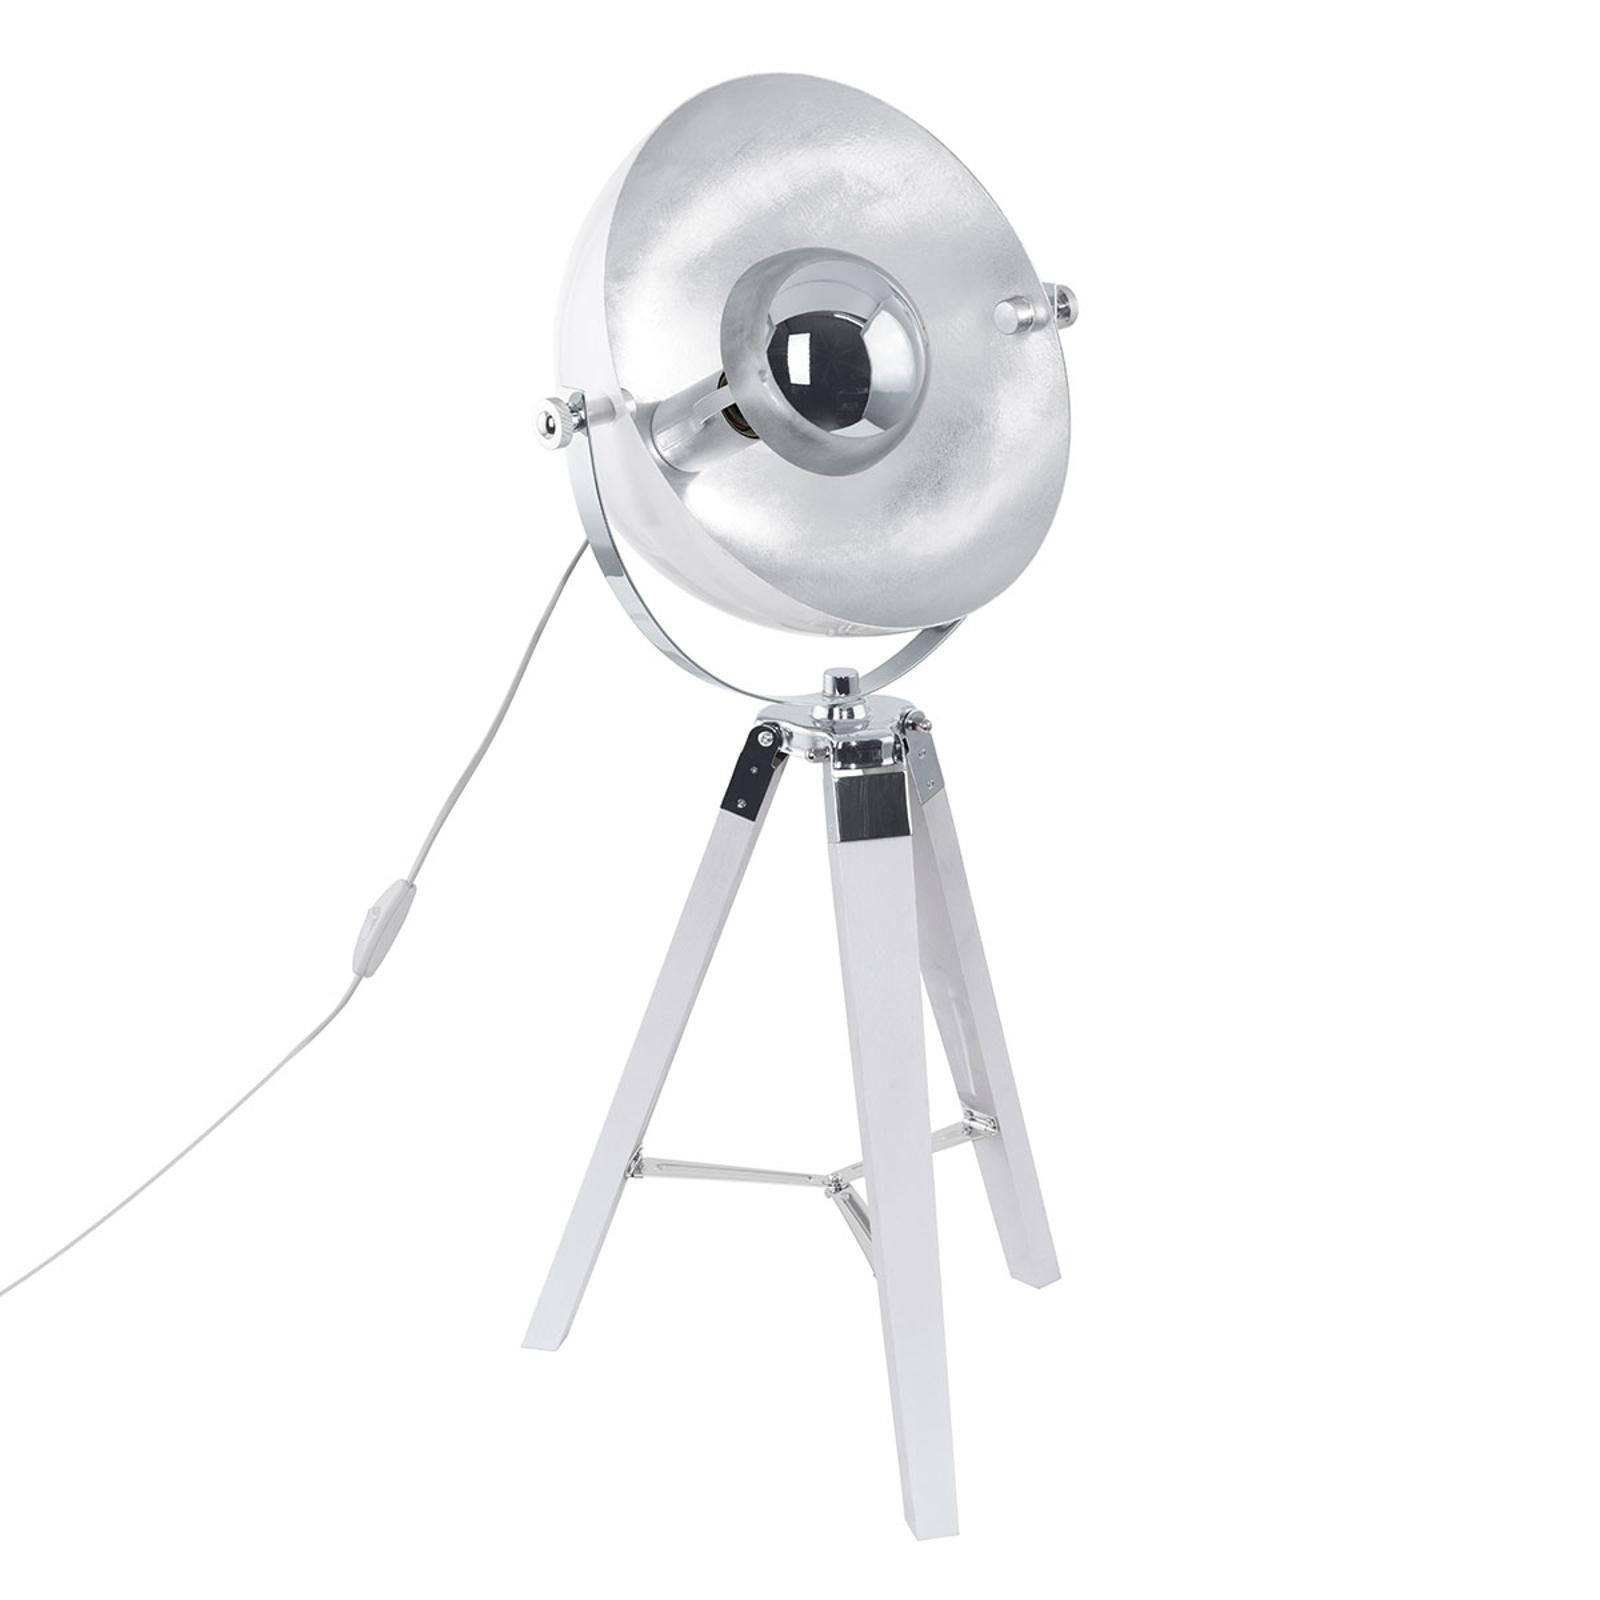 Covaleda - trebent bordslampa i vit-silver